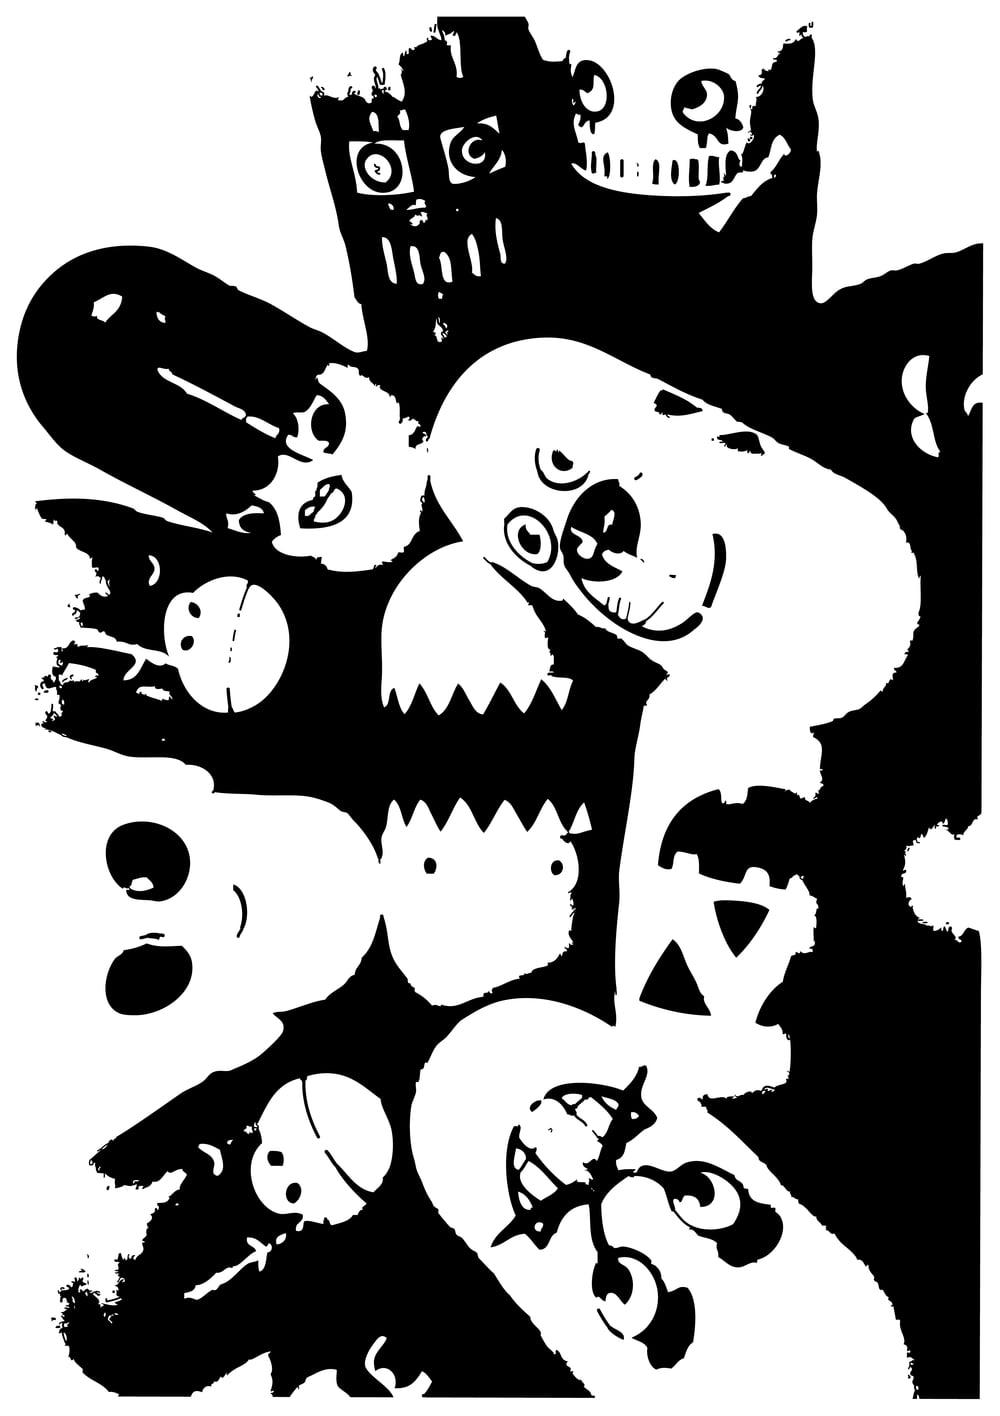 """Wells sit neuschtem jetzt für zwanzig Stei die Blastigg-Pille git,   Kunnt dr Fritzli mit em Mami gärn in Claramigros mit.   Mit volle Däsche stoot er dört, das seht e Journi vo dr BaZ.   Und schrybt: """"Me dealt widr mit Kügeli am Claraplatz."""""""